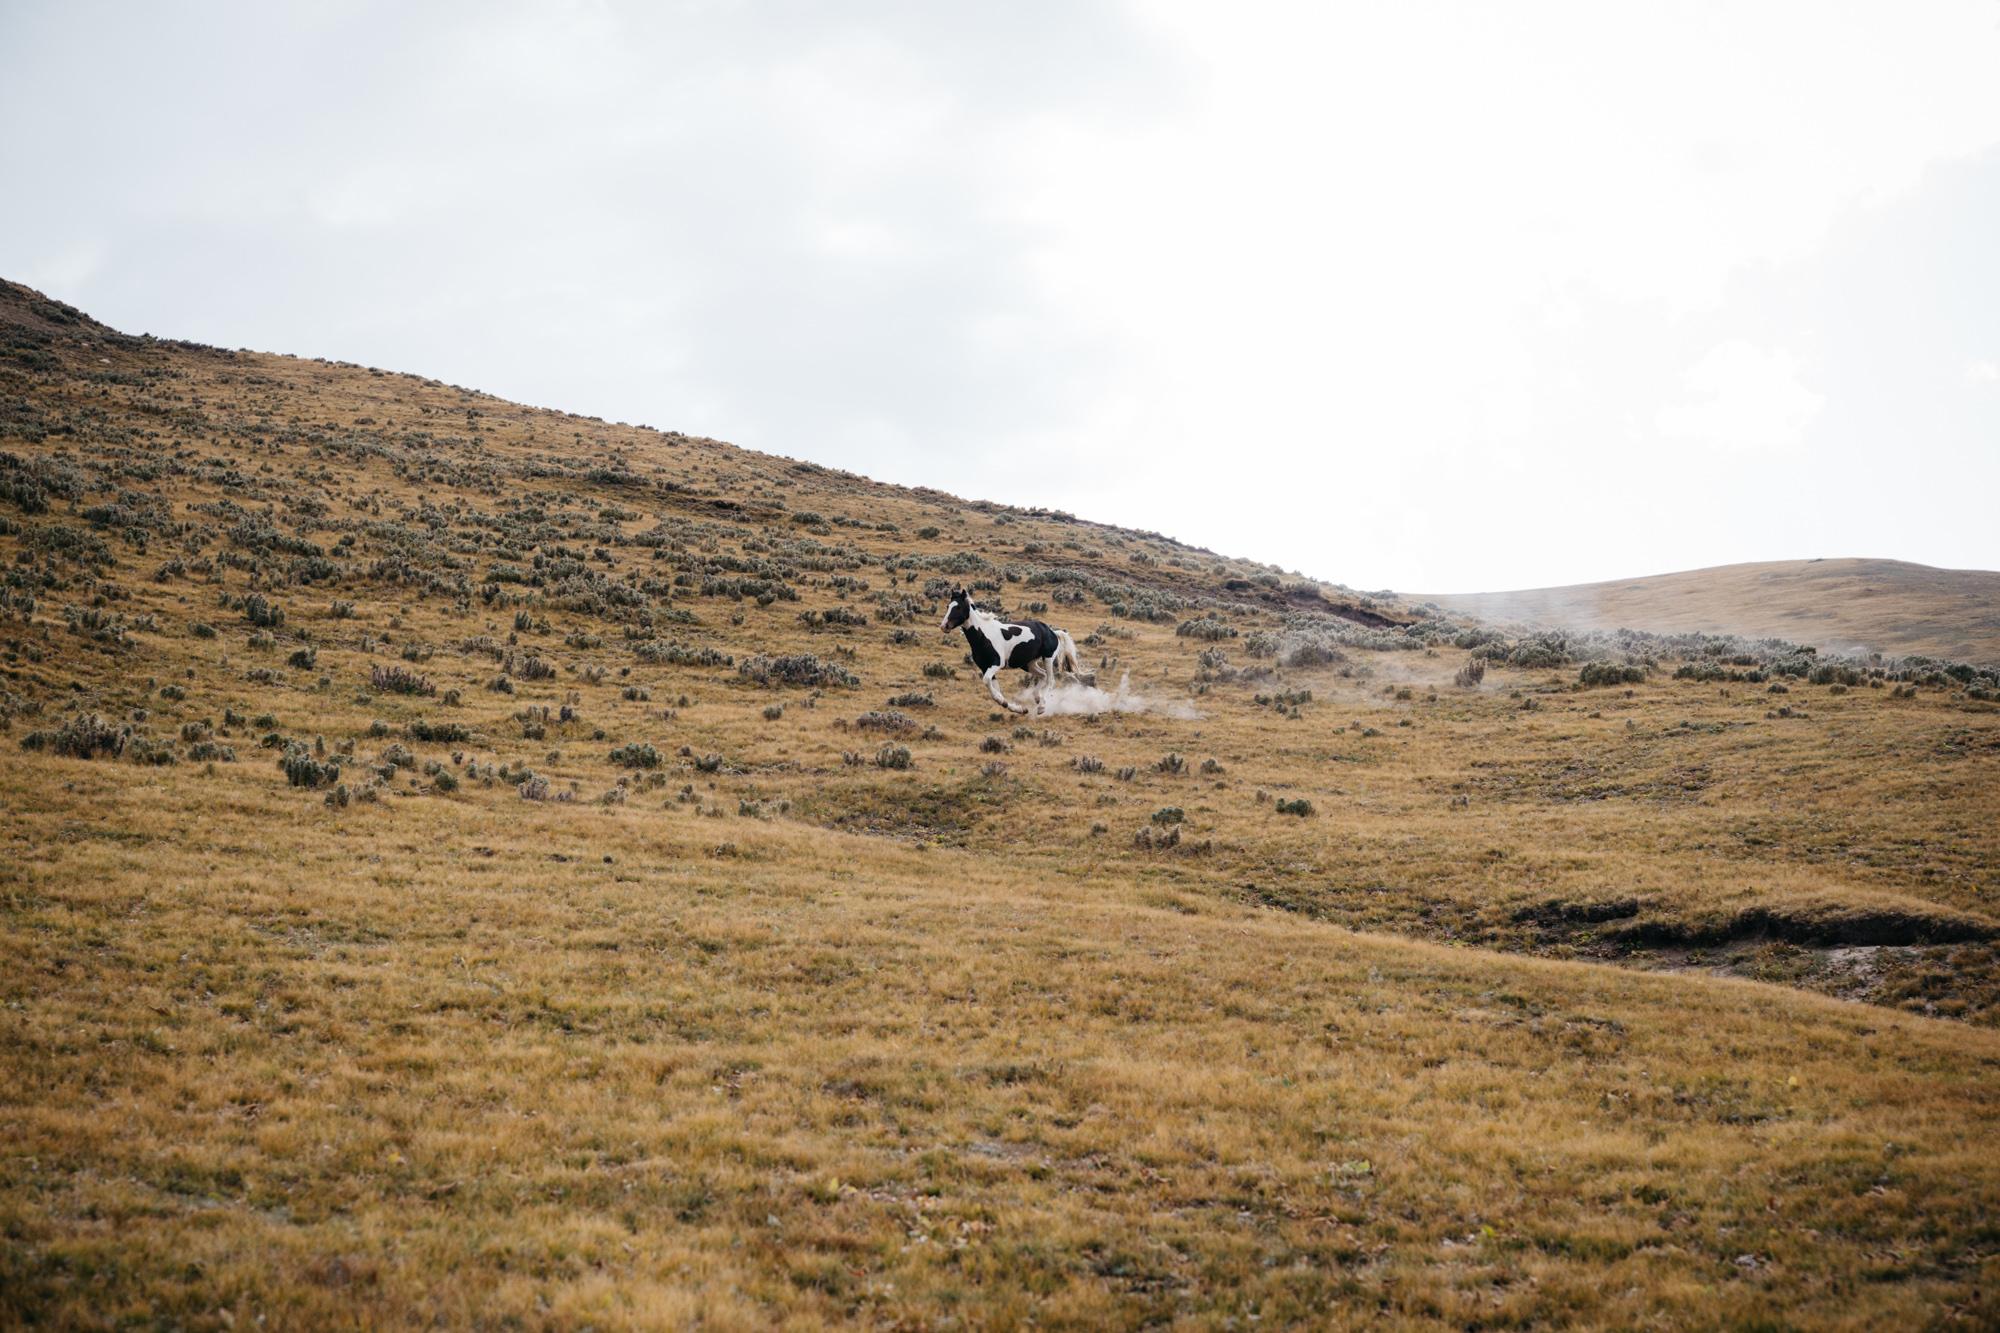 Running free and wild.